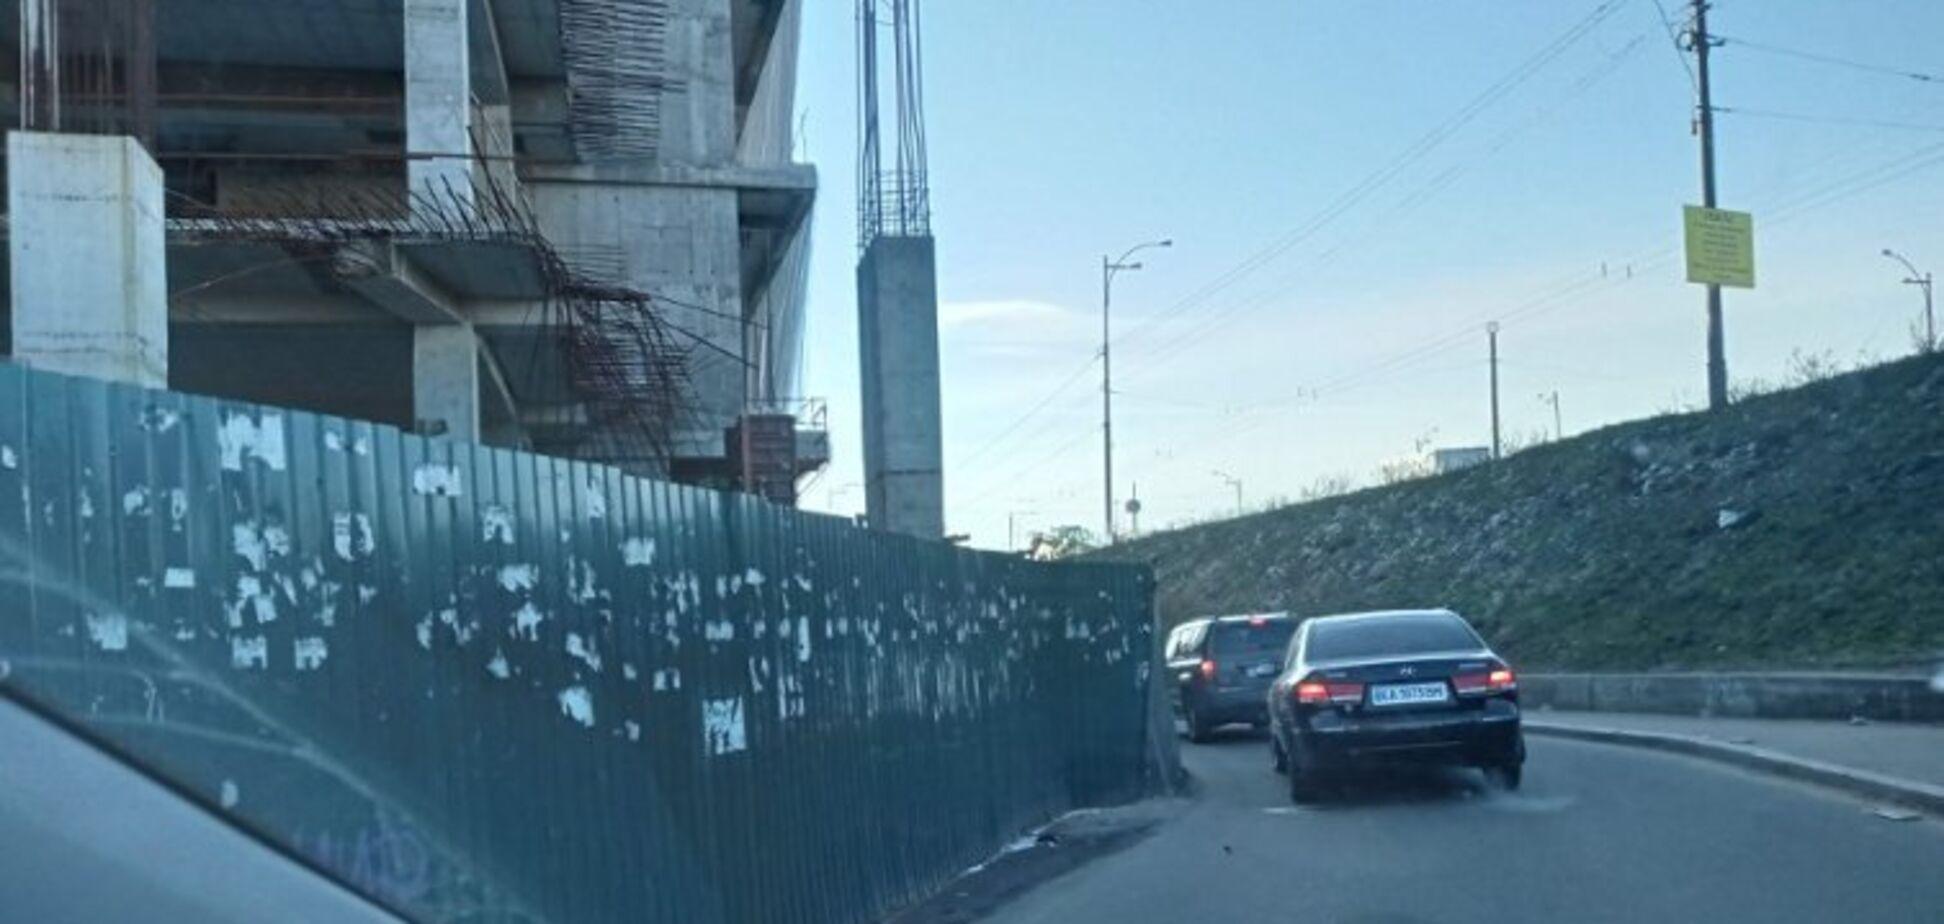 Скандальный ТРЦ в Киеве начал строить опоры прямо на дороге